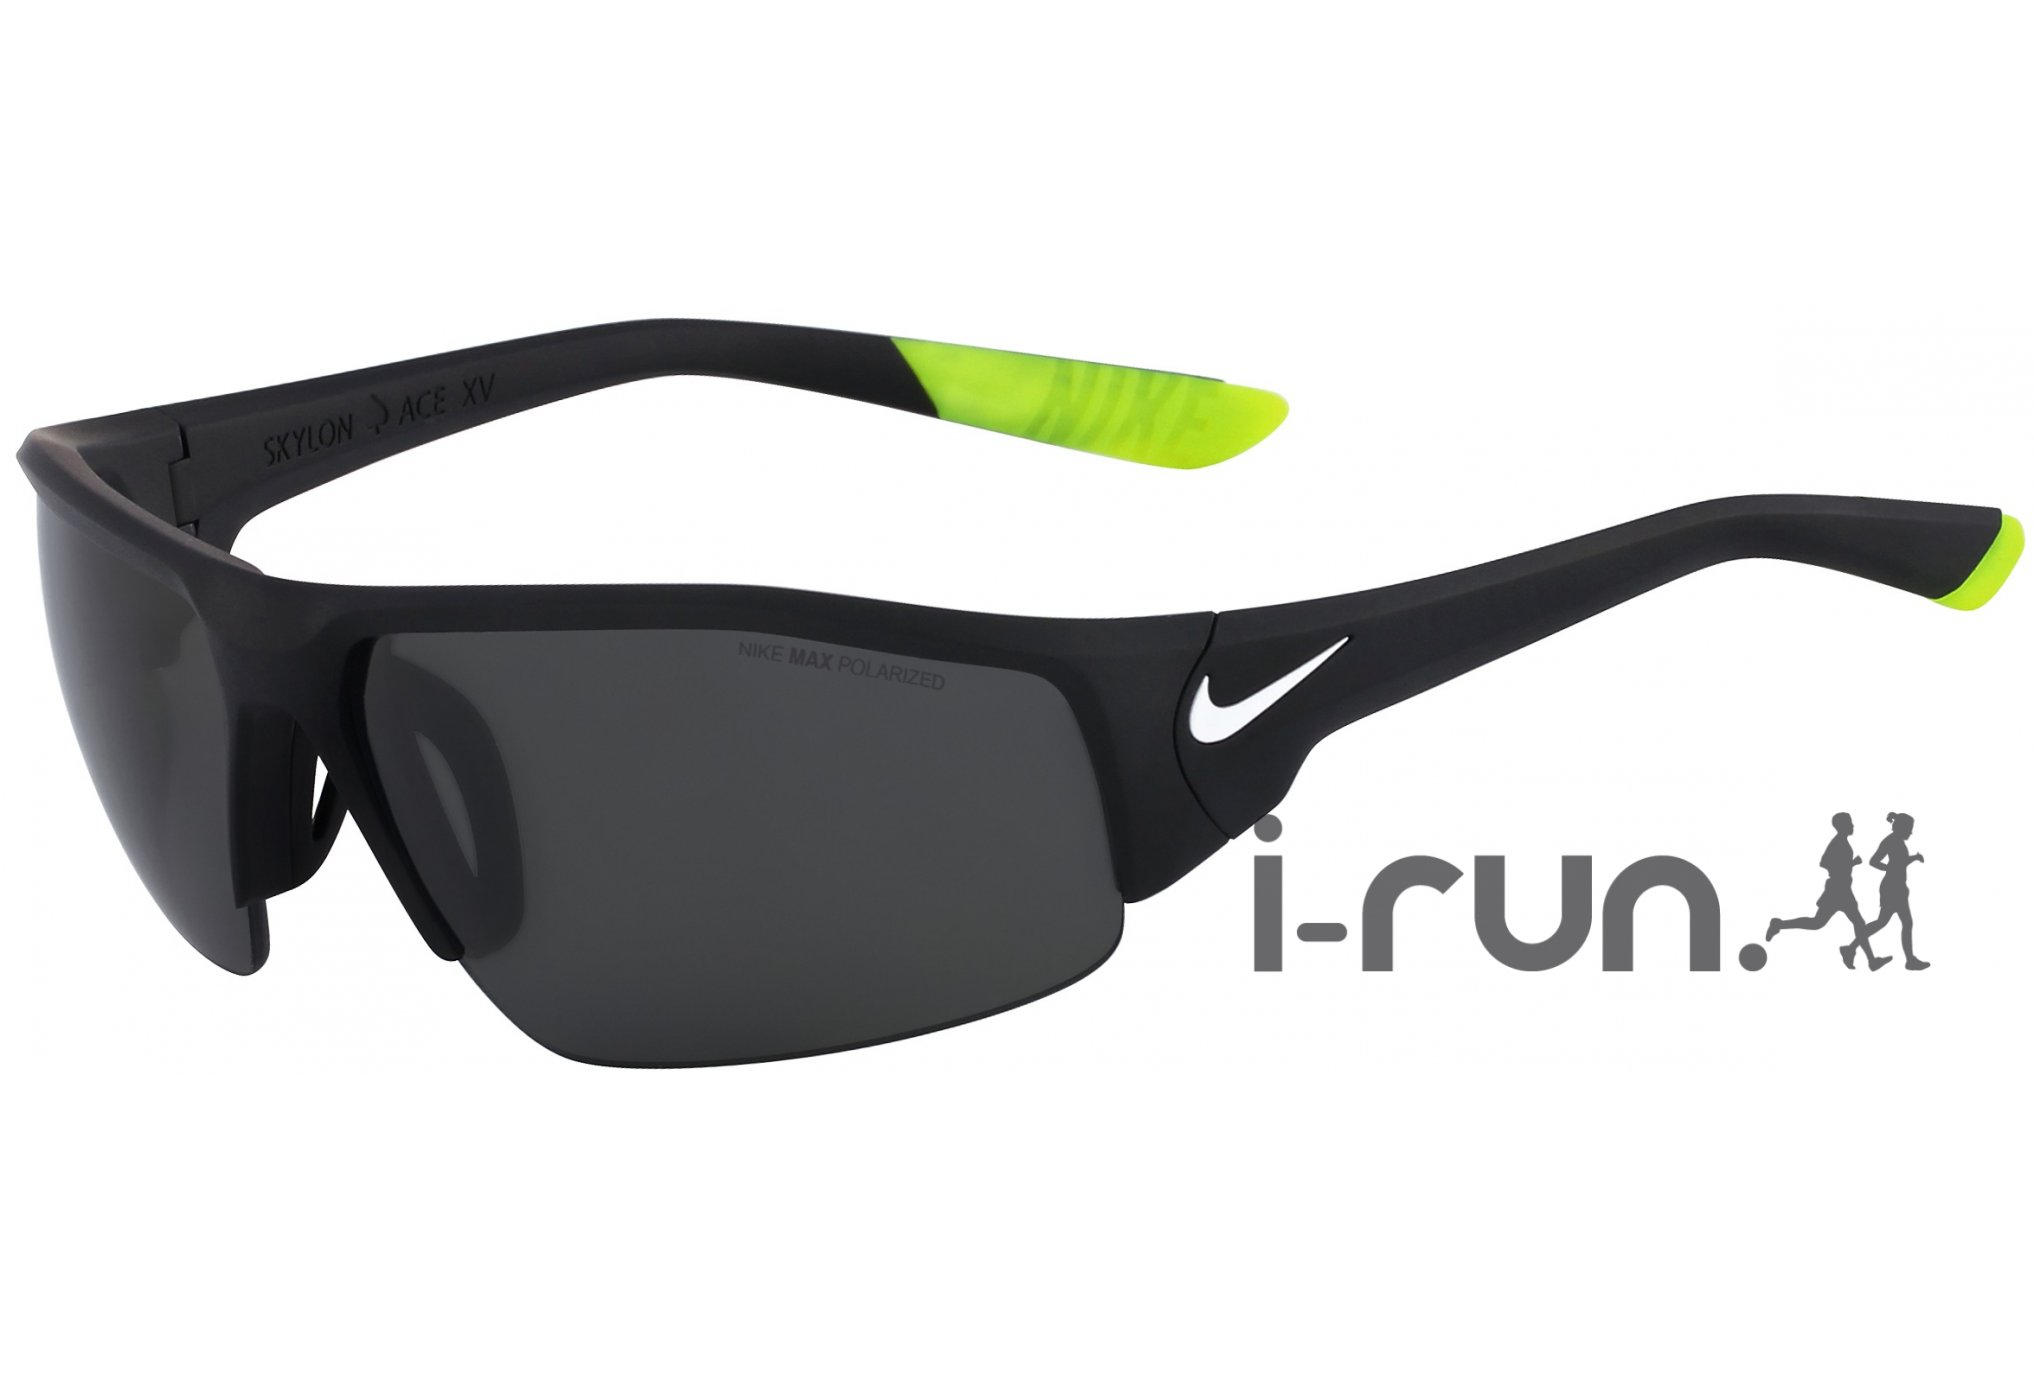 Nike skylon ace xv polarized lunettes